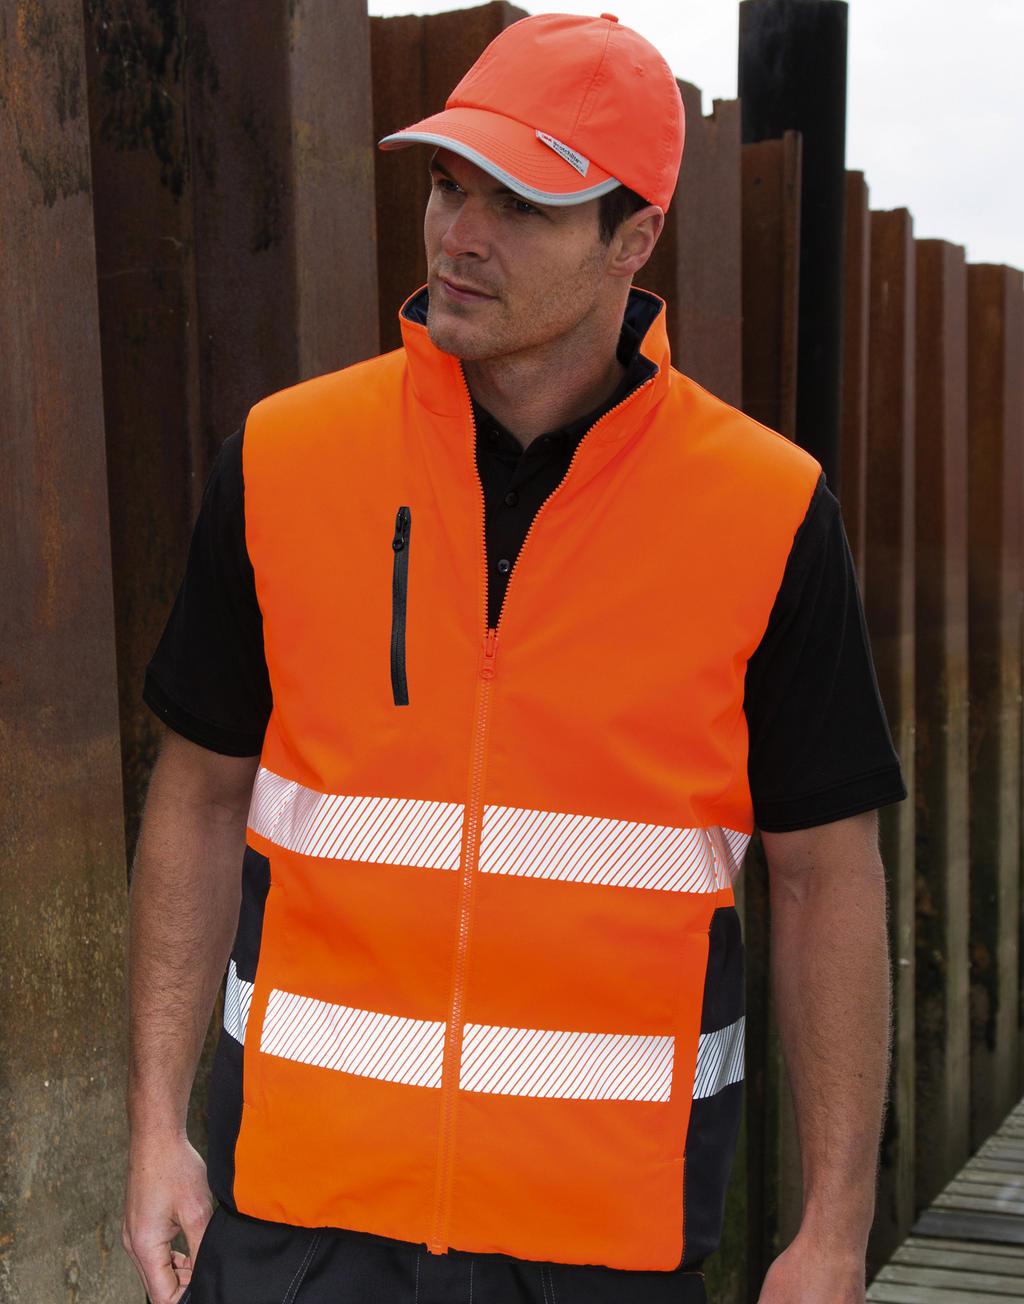 Warnschutz-Stepp-Wendeweste mit Reflexstreifen - Warnschutzweste - Steppweste